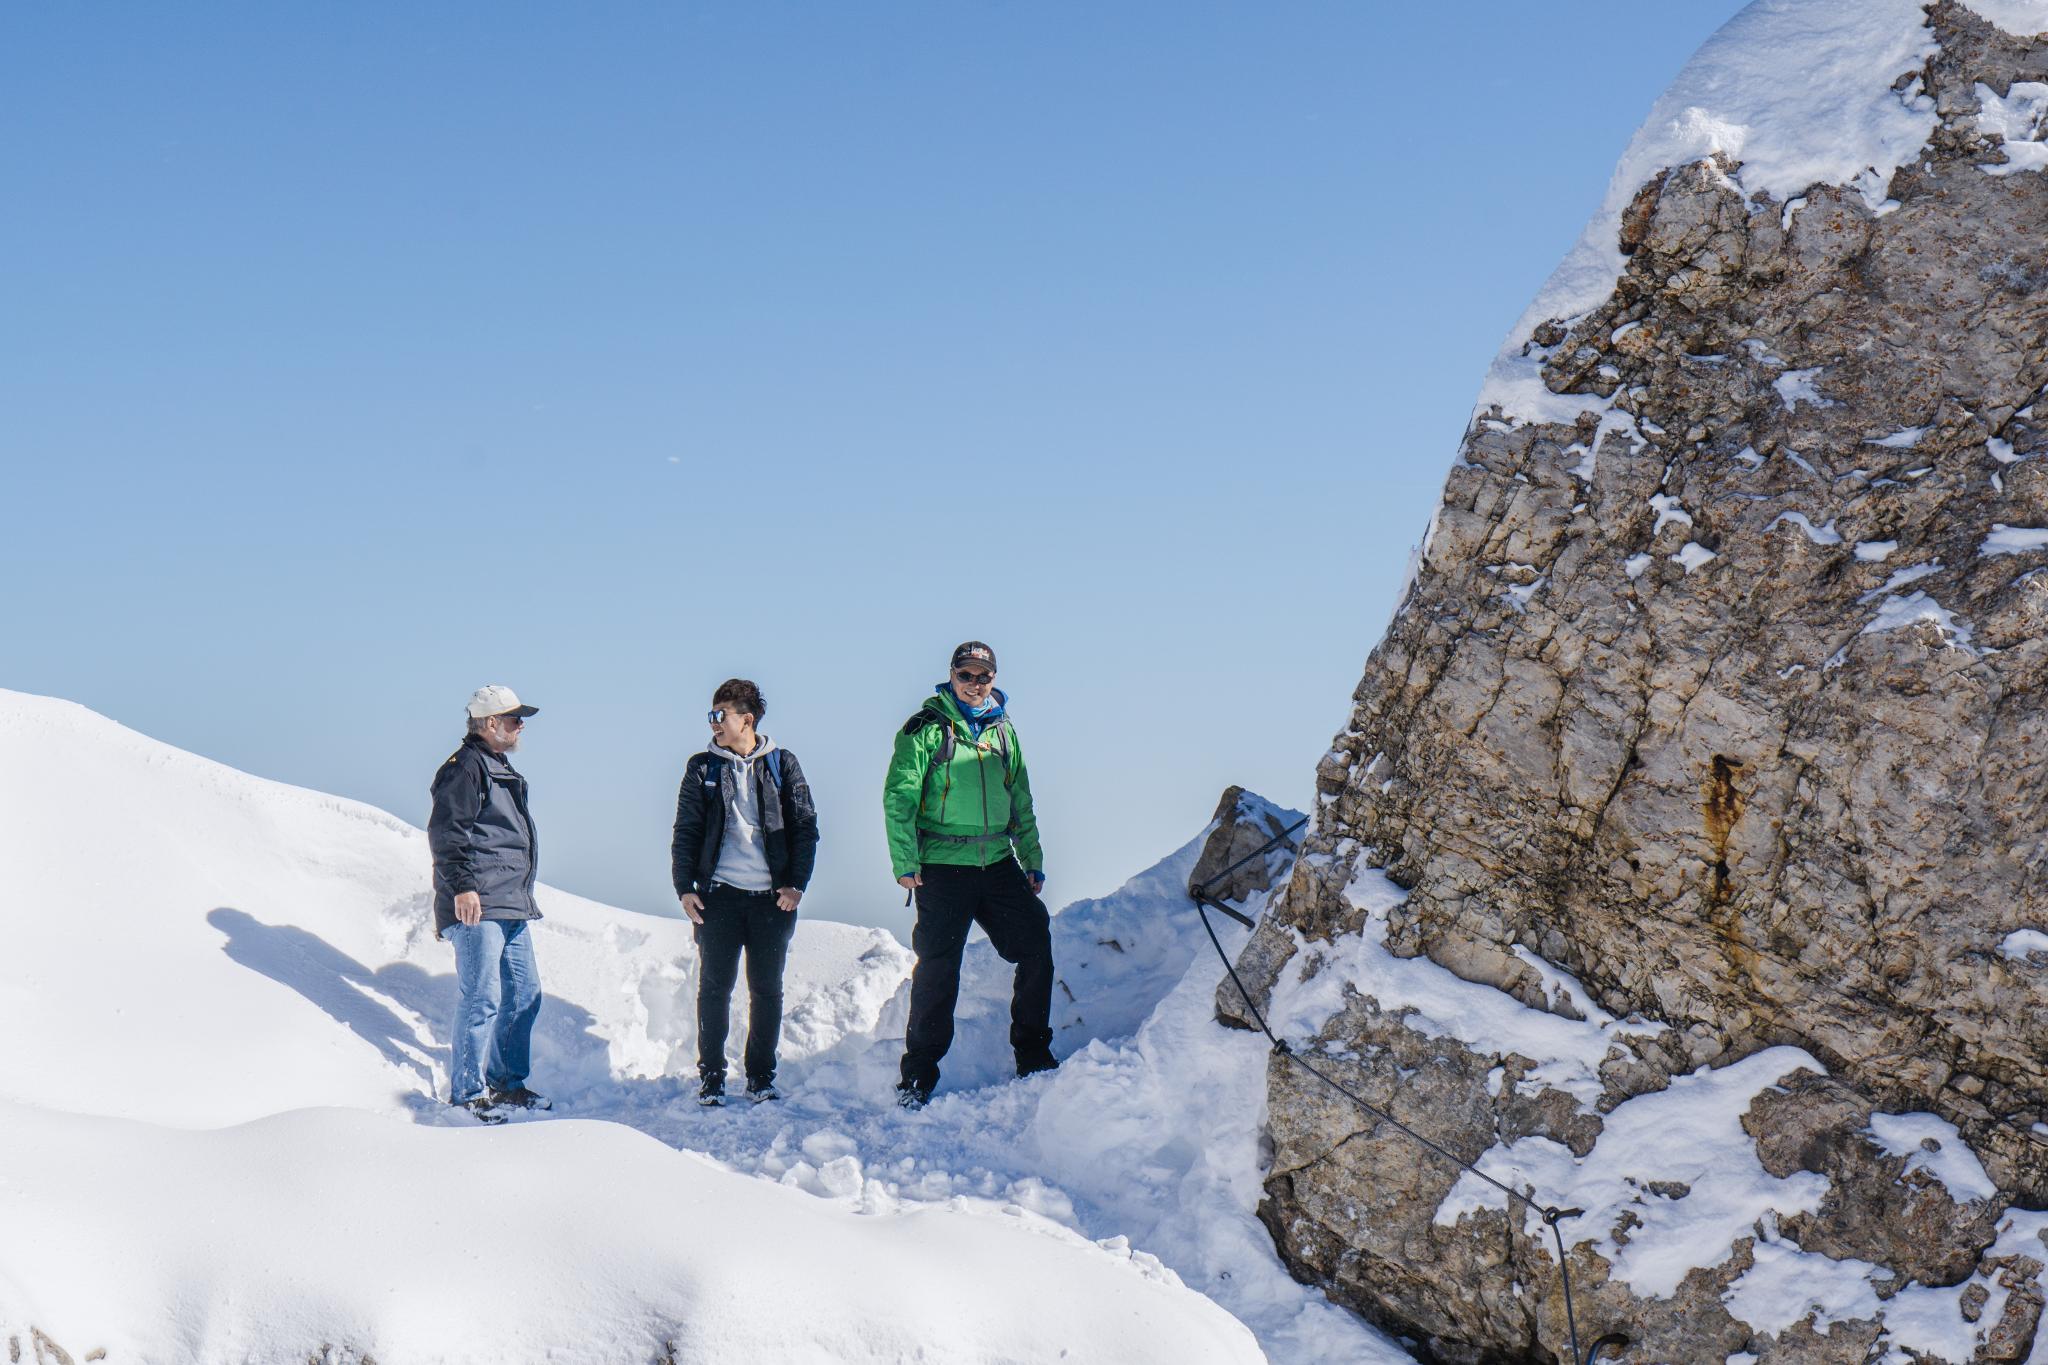 【德國】阿爾卑斯大道:楚格峰 (Zugspitze) 登上德國之巔 61